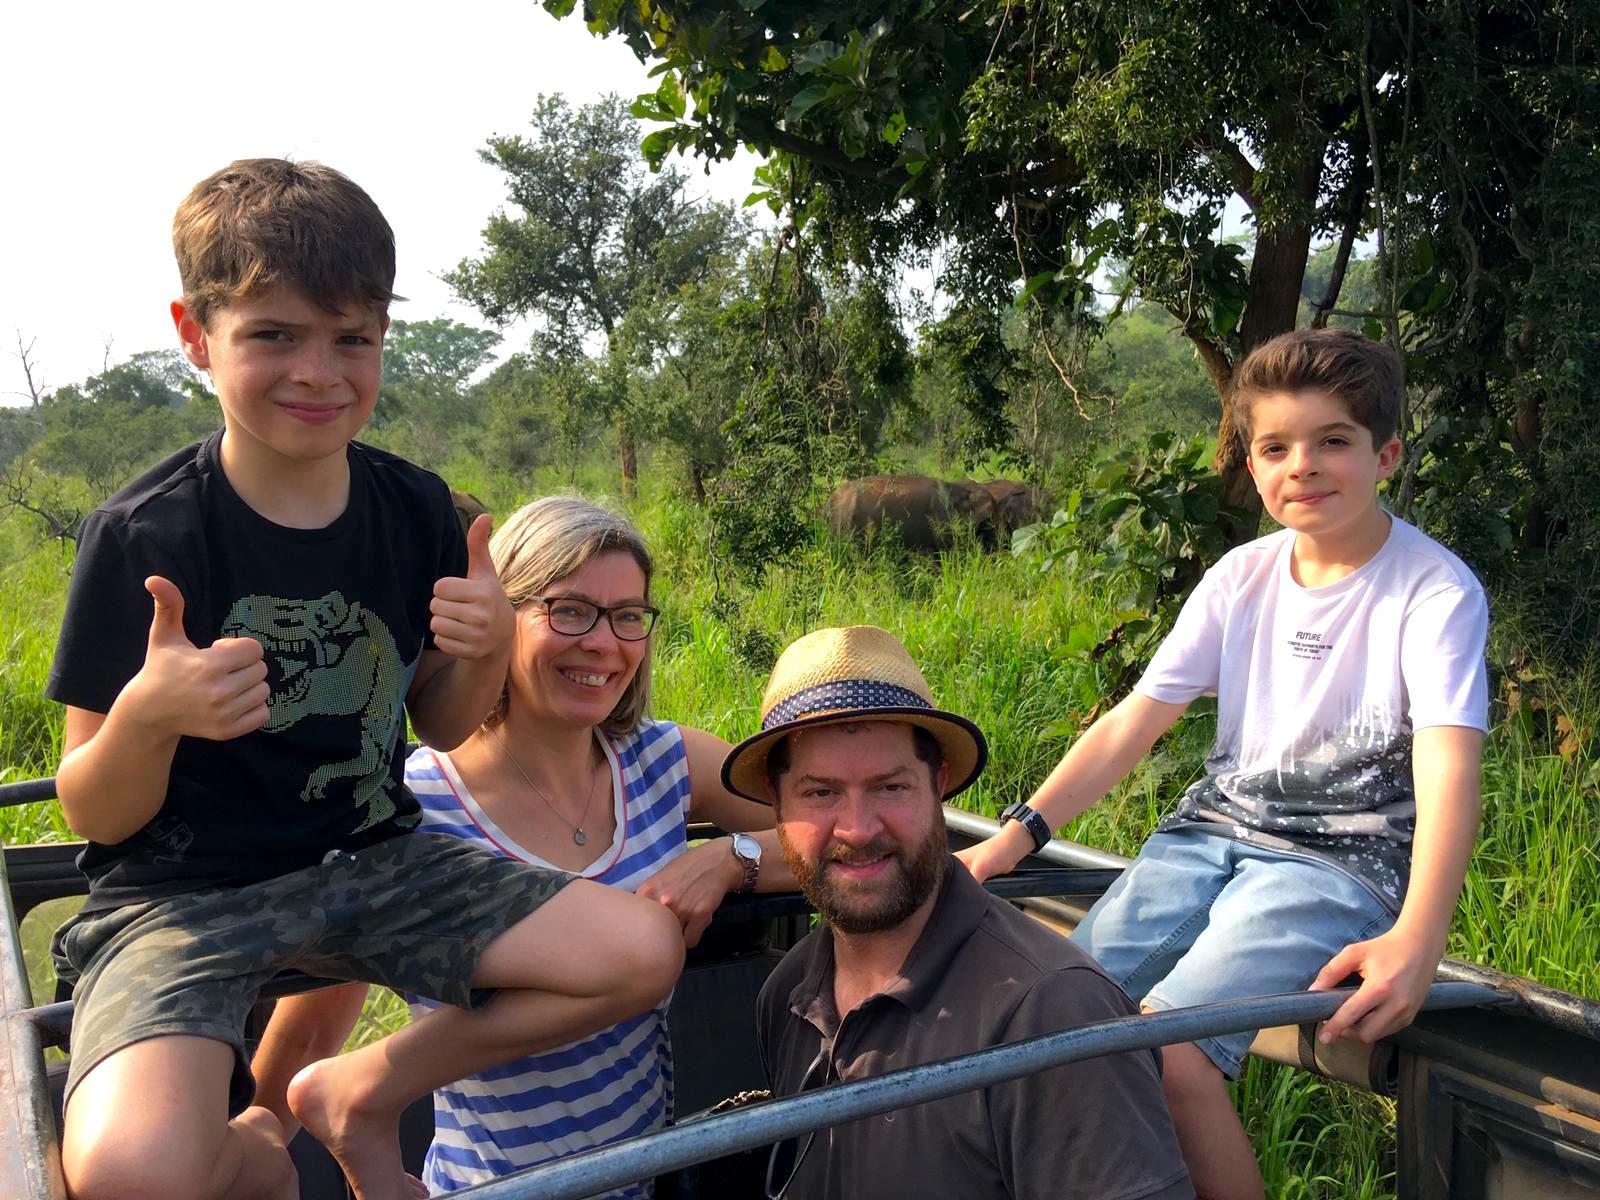 invite-to-paradise-sri-lanka-family-holiday-specialists-customer-feedback-pickering-elephant-safari-.jpg